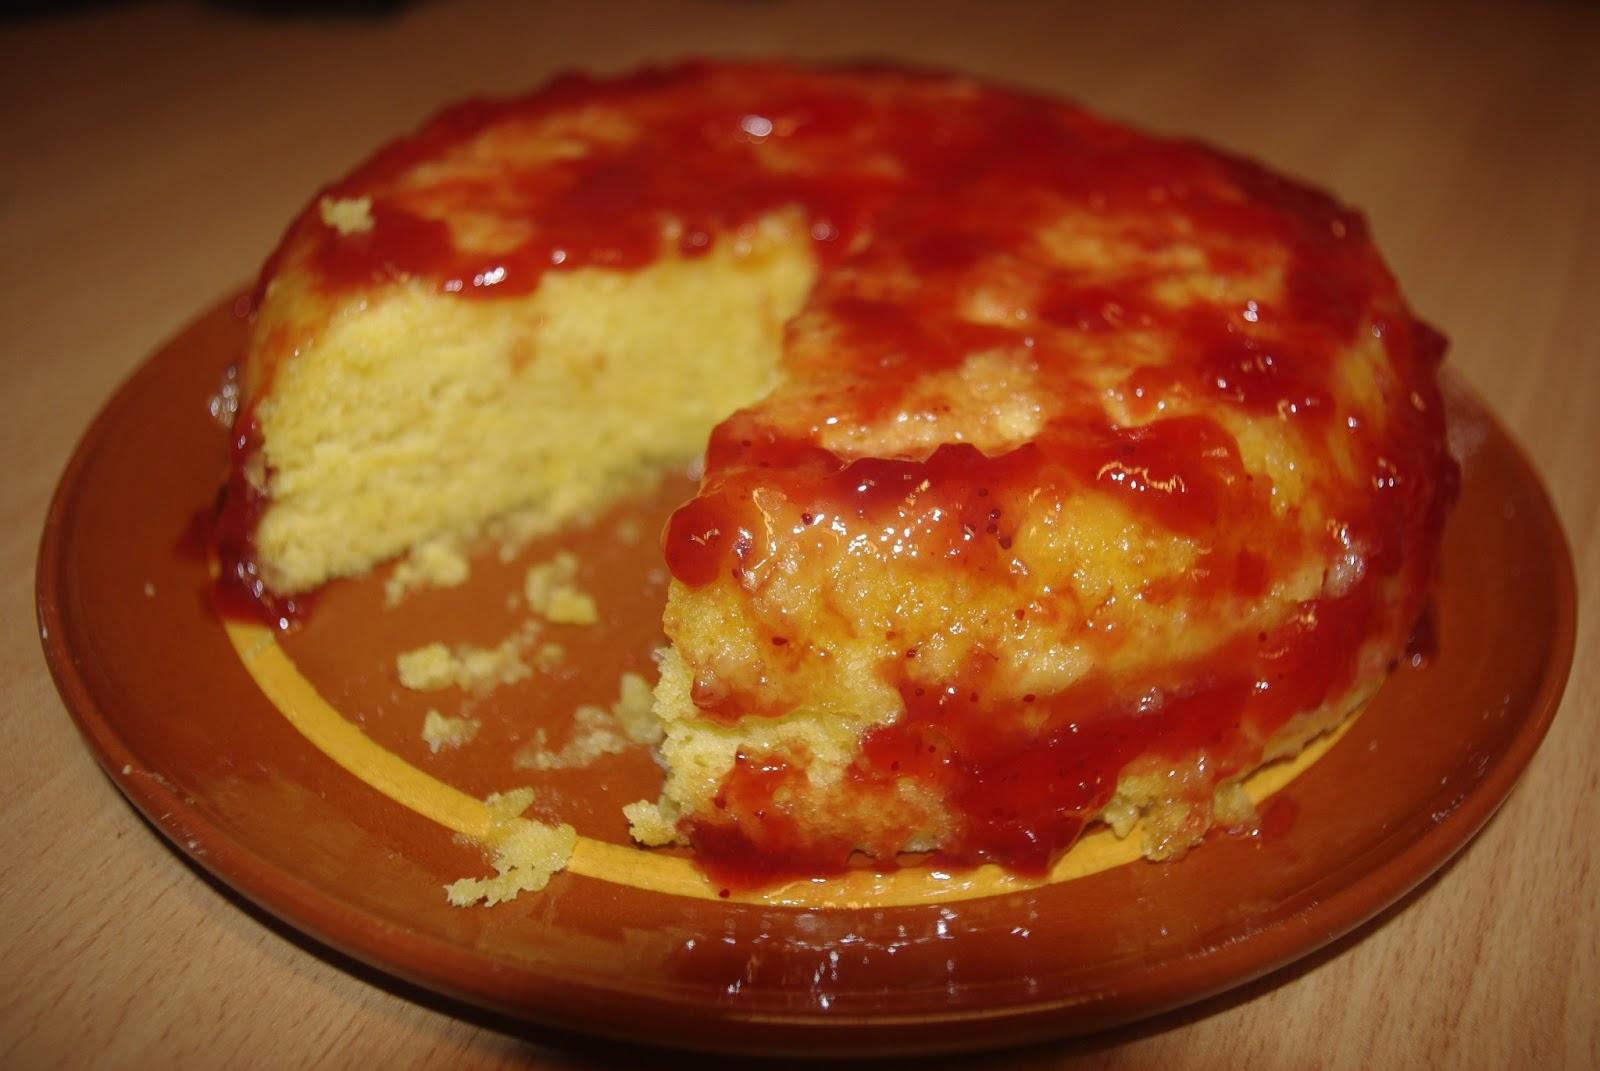 Cocina con amor de madre bizcocho en 10 minutos de - Bizcocho microondas 3 minutos ...